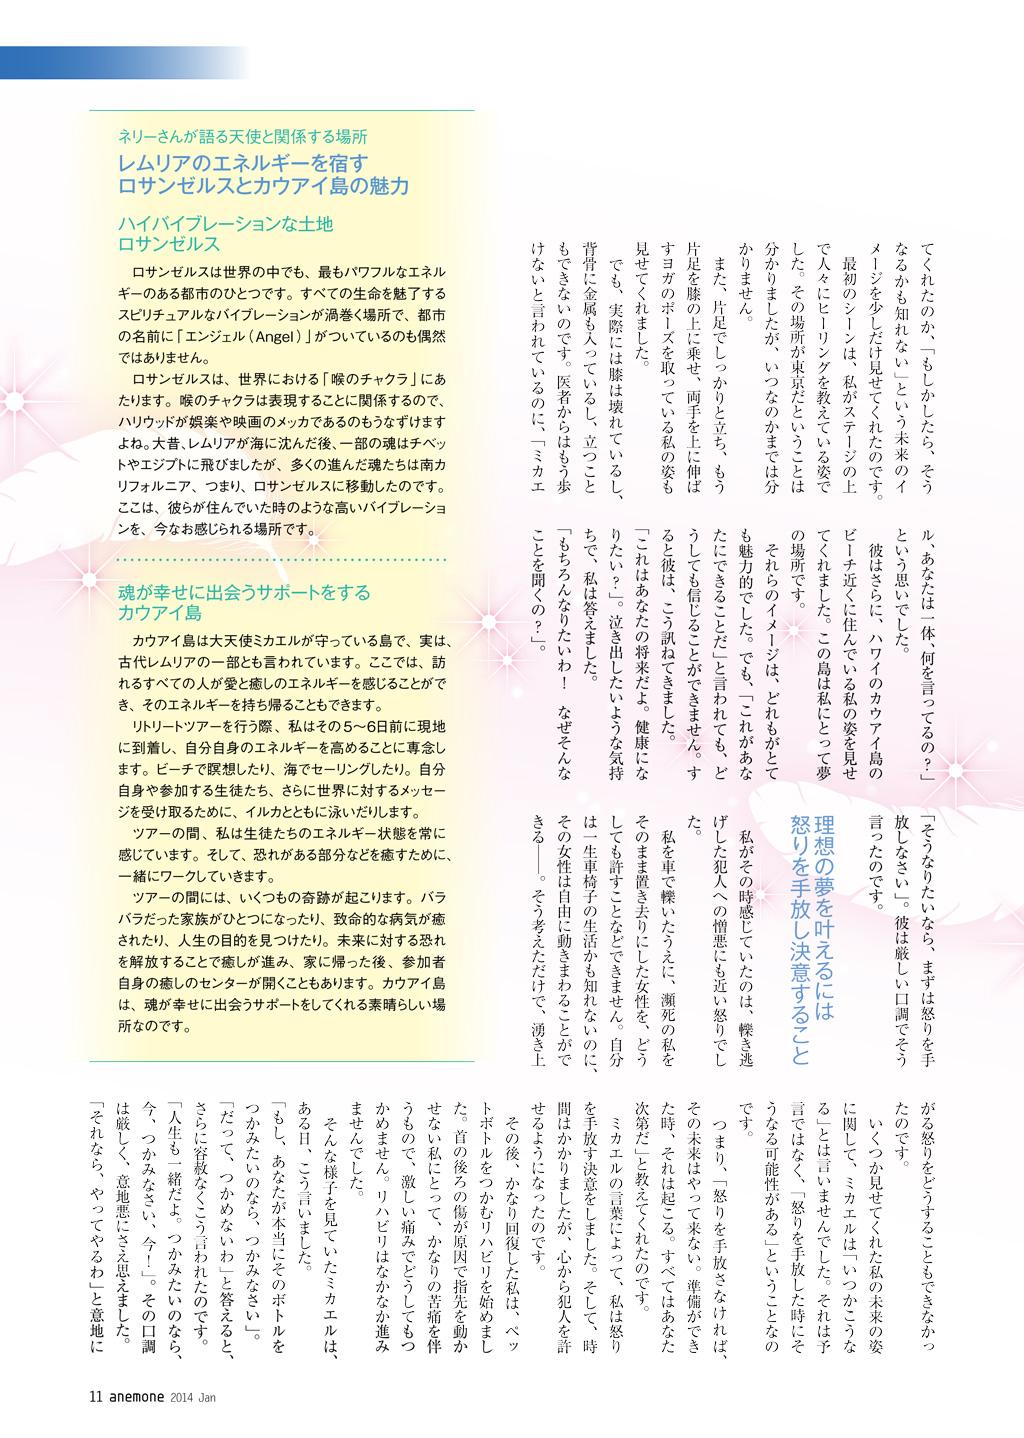 Anemon-Jan-2014-page4